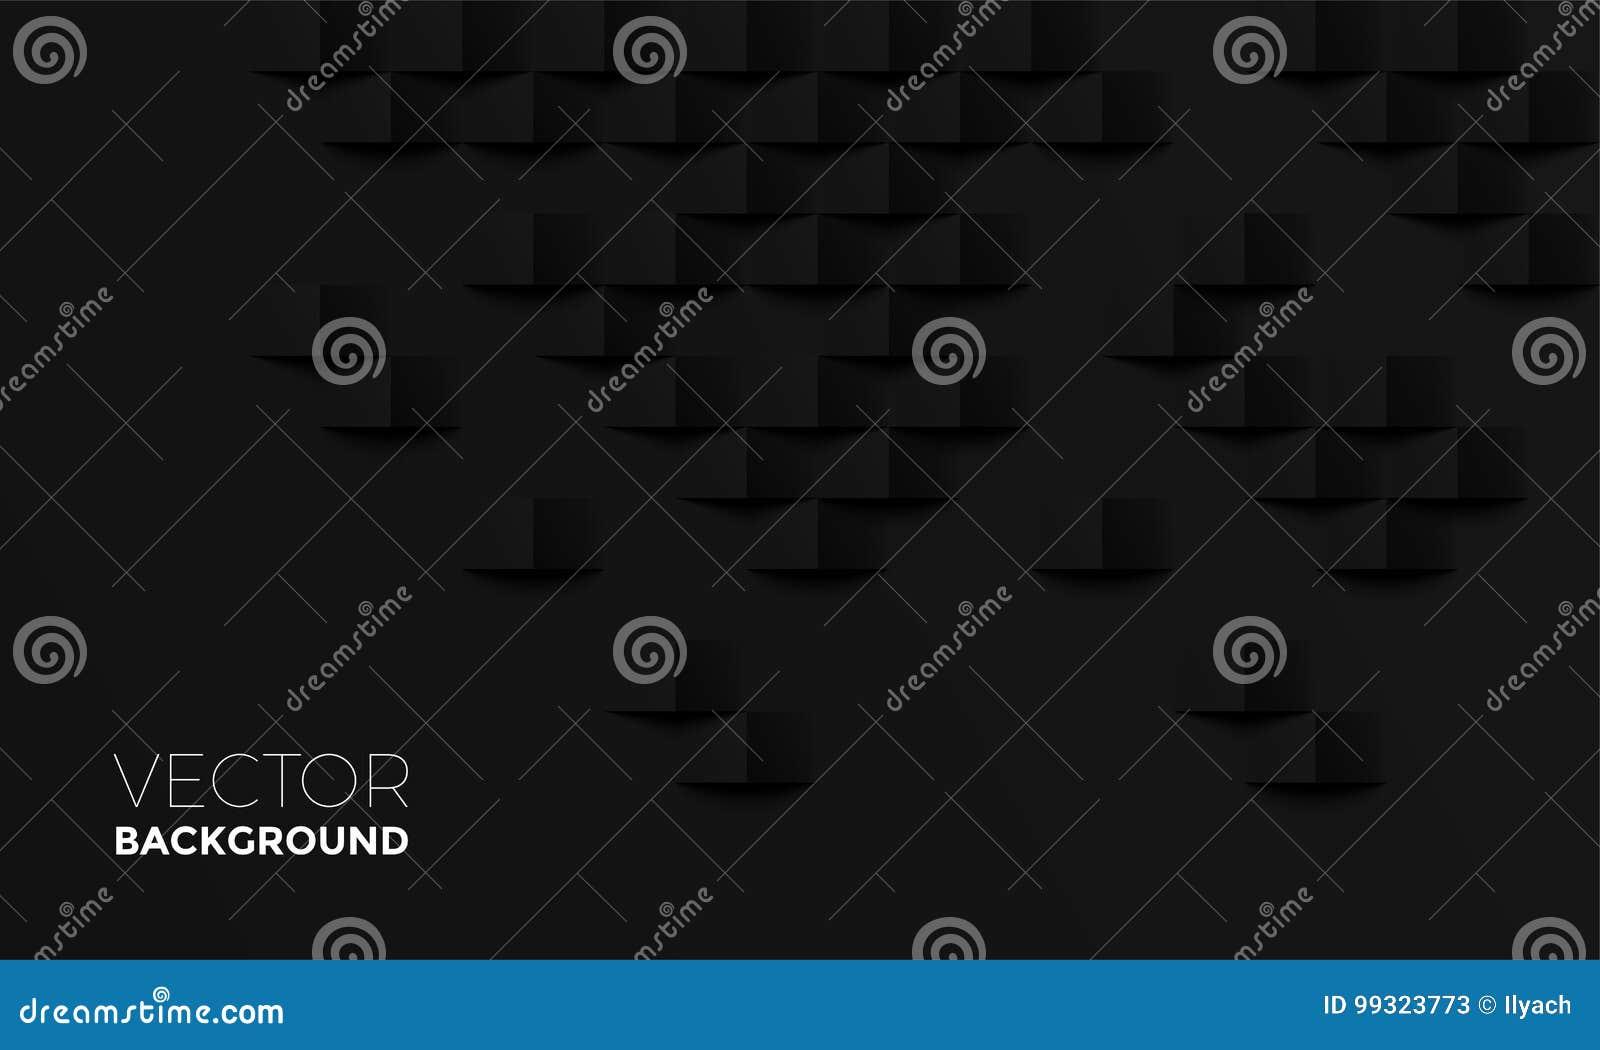 Fondo negro abstracto con diseño interior del contexto de la textura del vector de la sombra del ladrillo